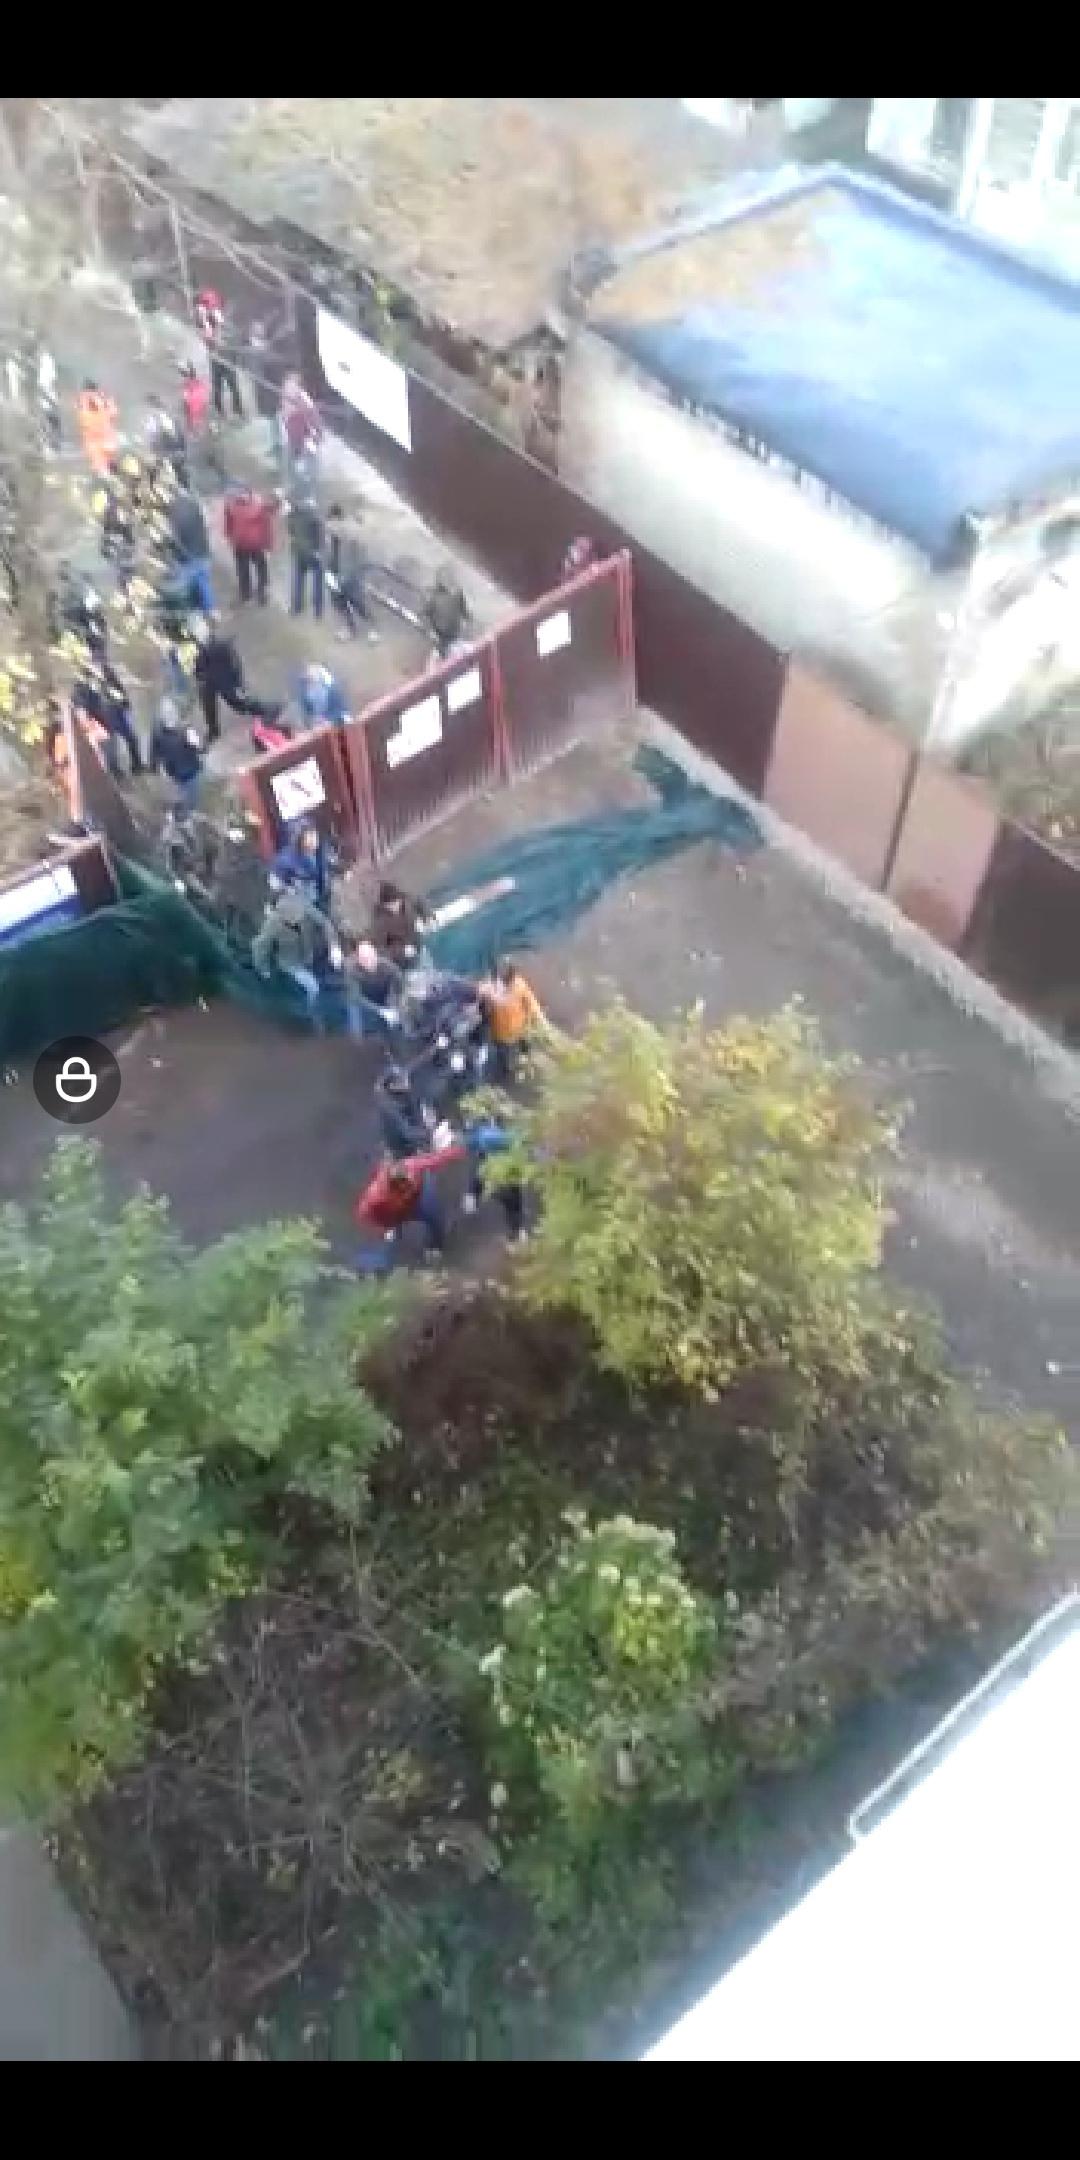 Скриншоты с видео, драки, крик, мат, жильцы